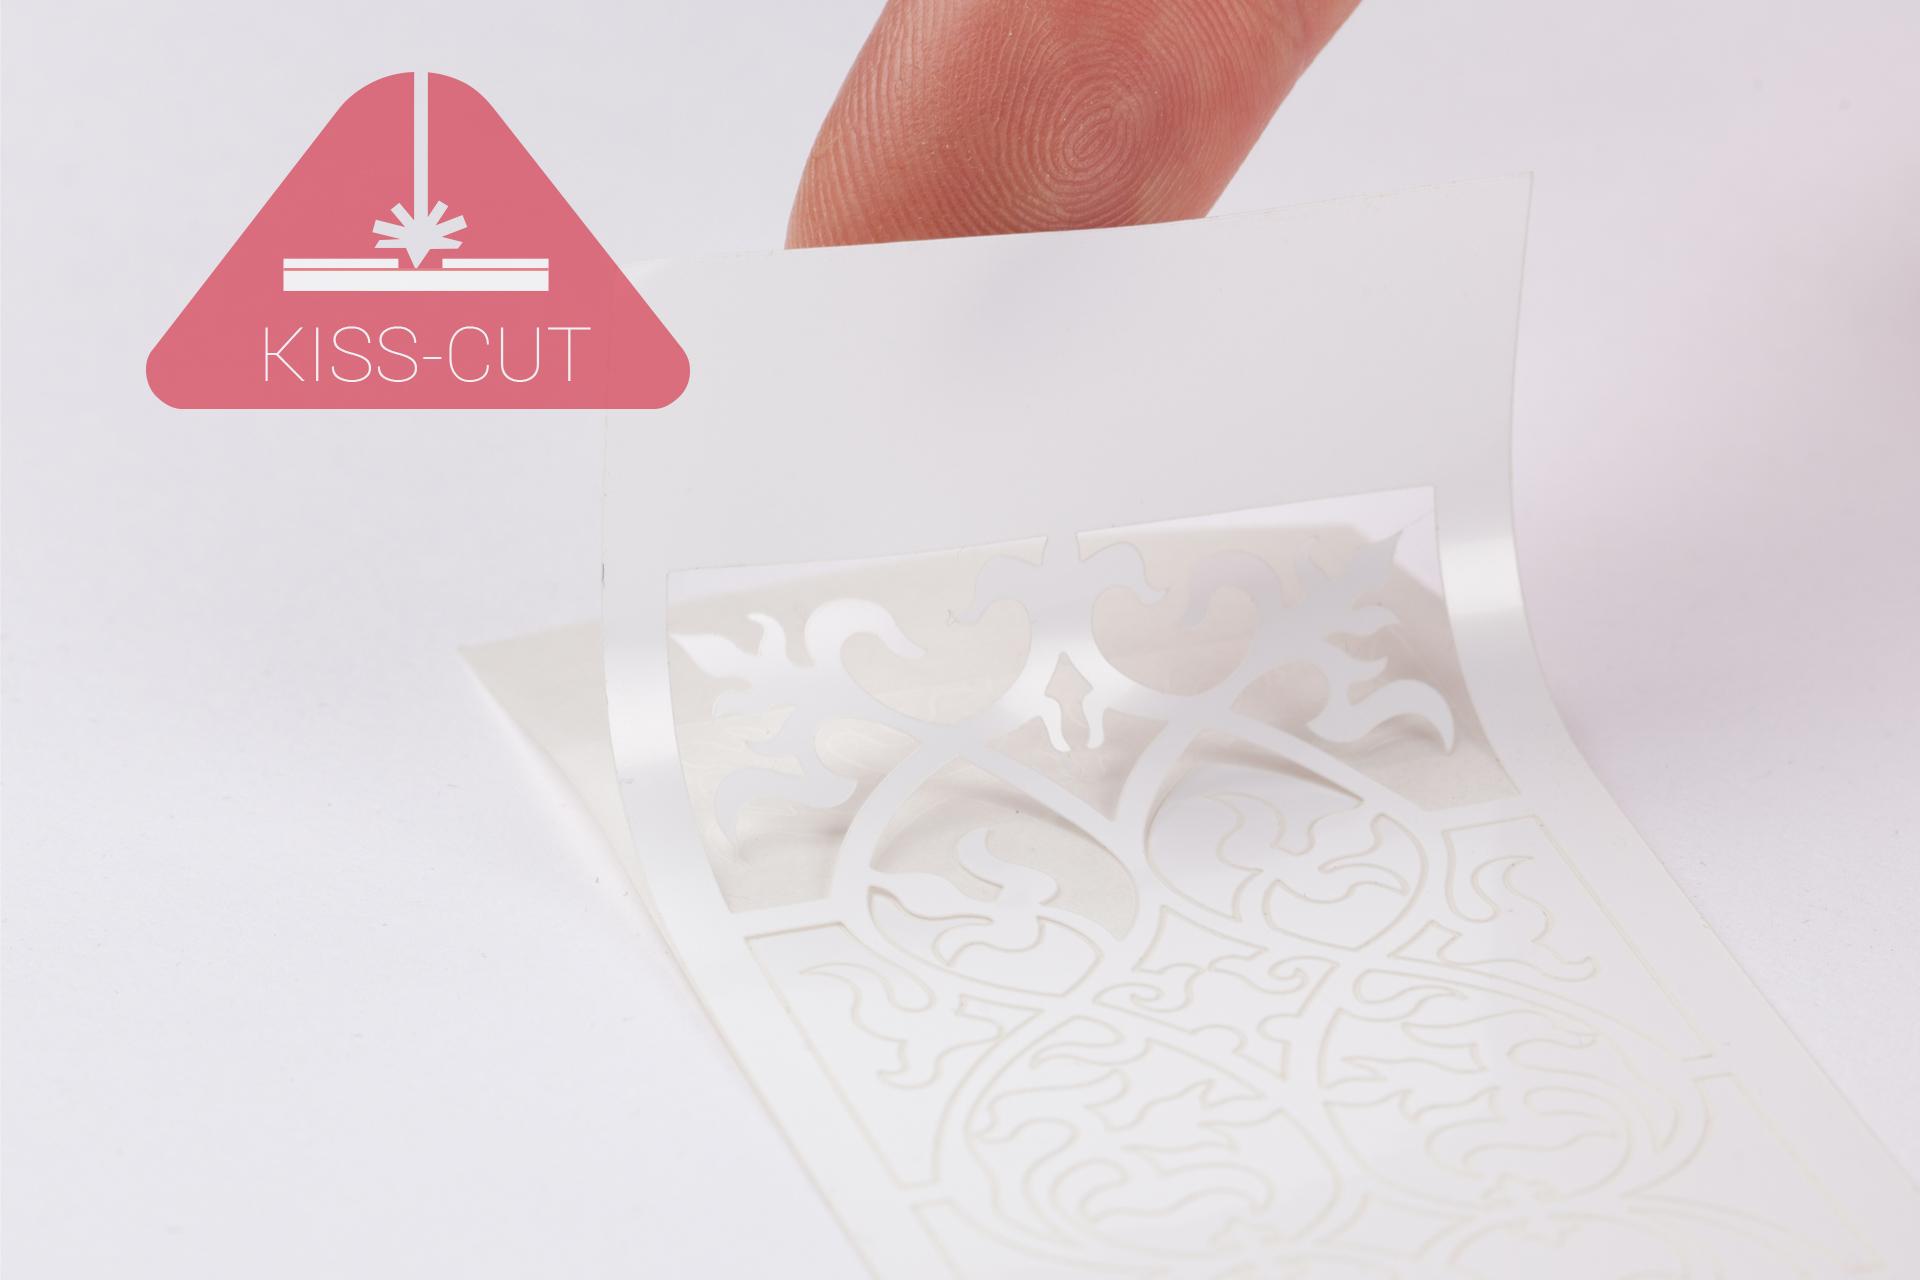 Aufkleber ausgeschnitten per Kiss-Cut Laser